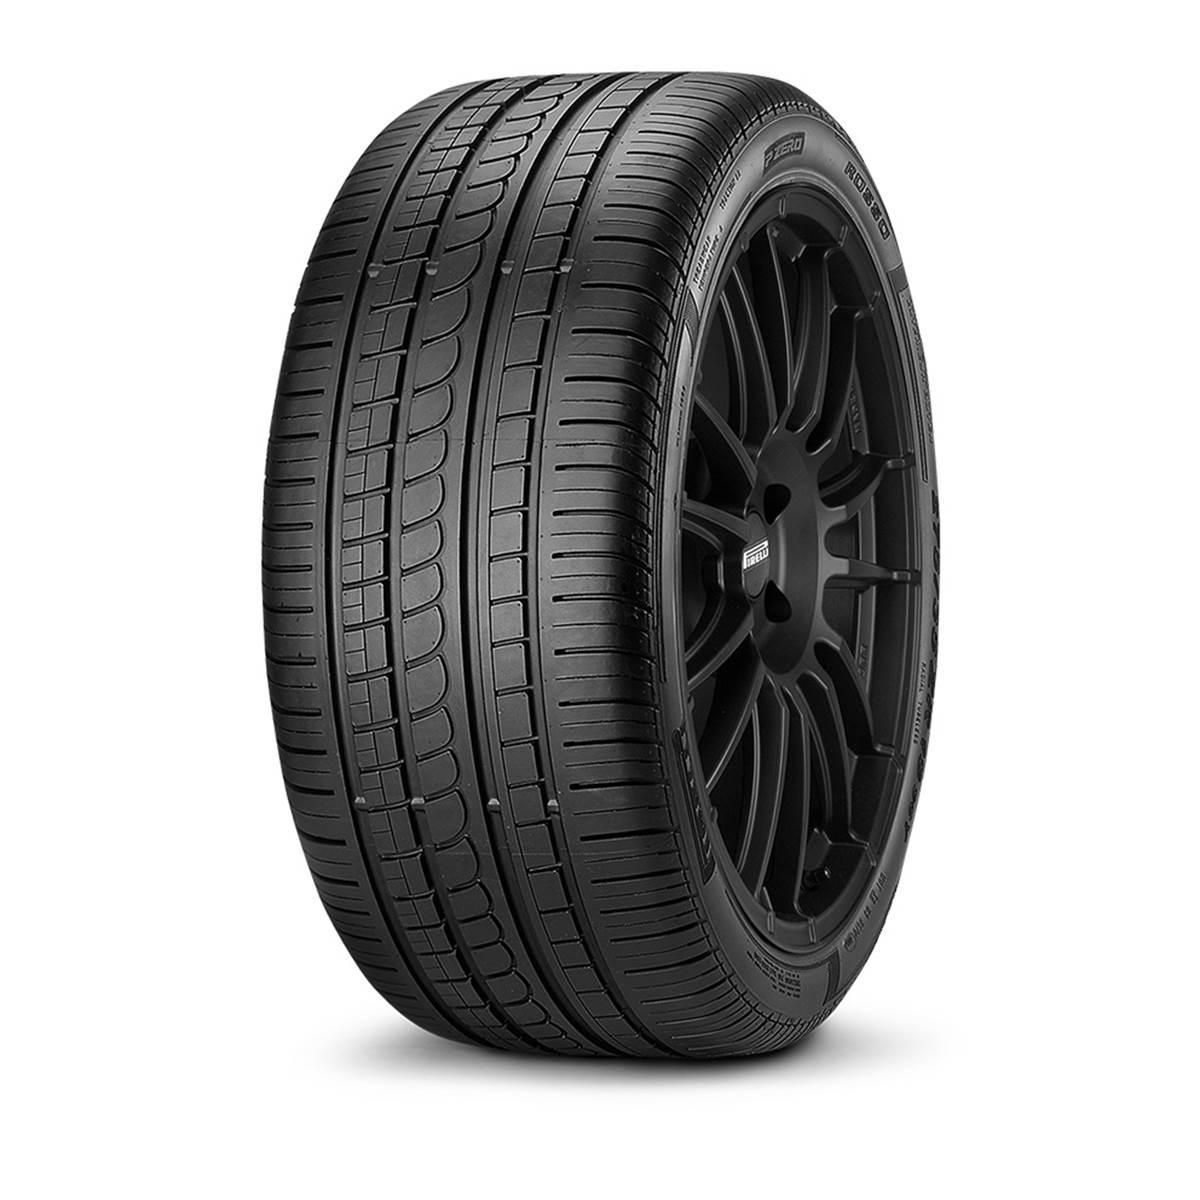 Pneu Pirelli 255/45R18 99Y Pzero Rosso